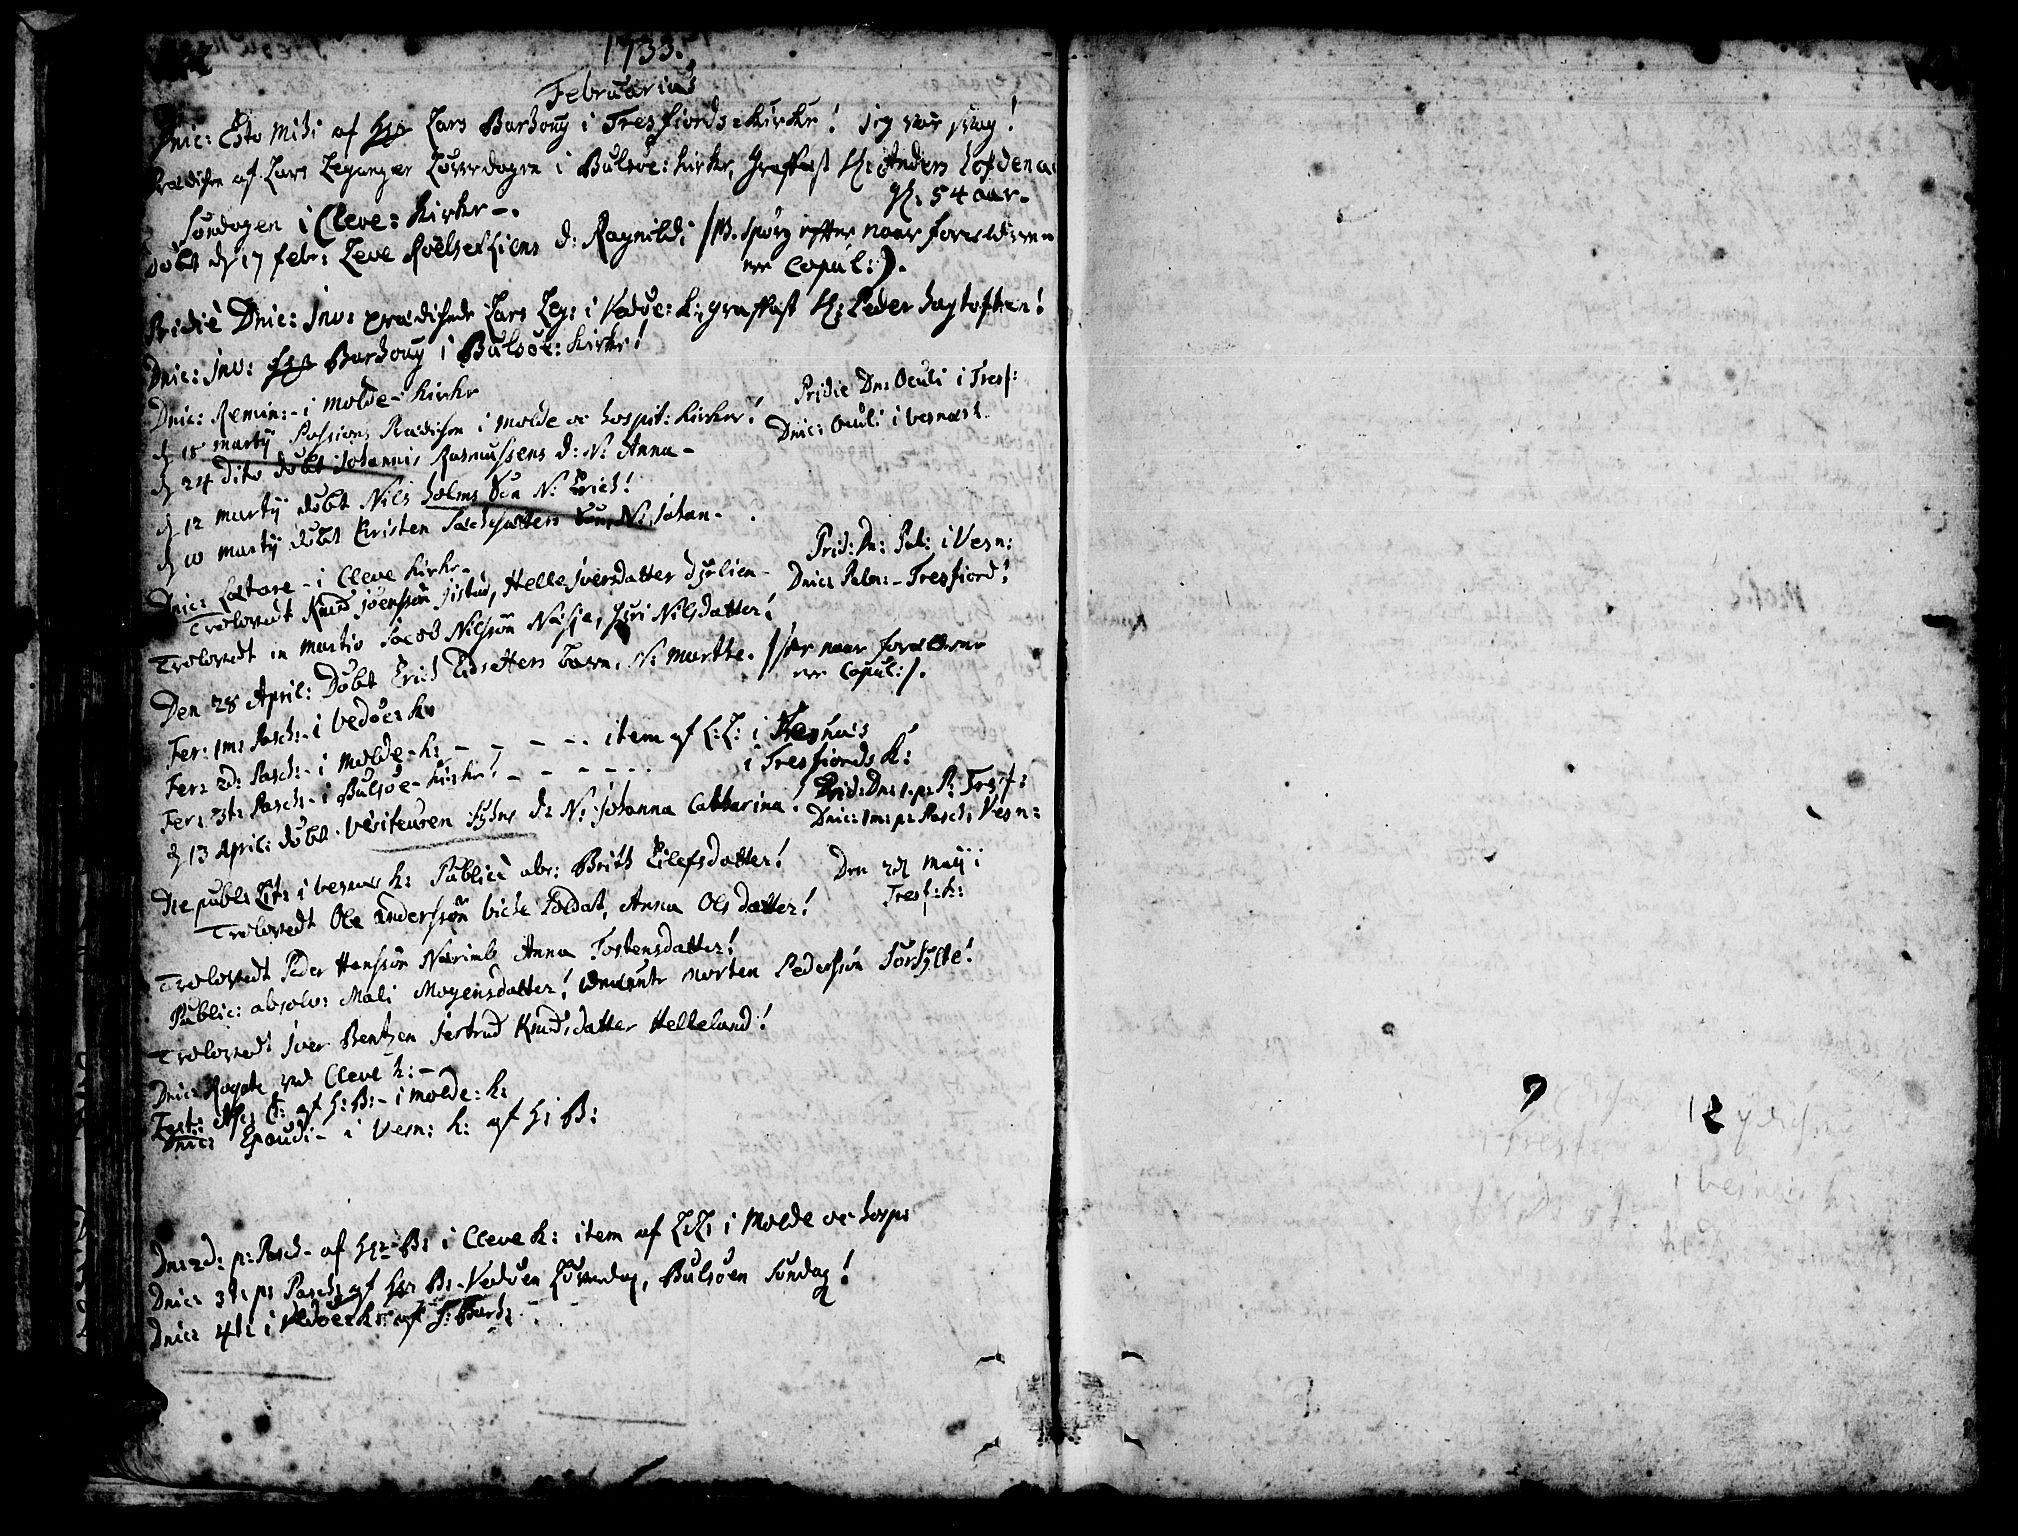 SAT, Ministerialprotokoller, klokkerbøker og fødselsregistre - Møre og Romsdal, 547/L0599: Ministerialbok nr. 547A01, 1721-1764, s. 134-135